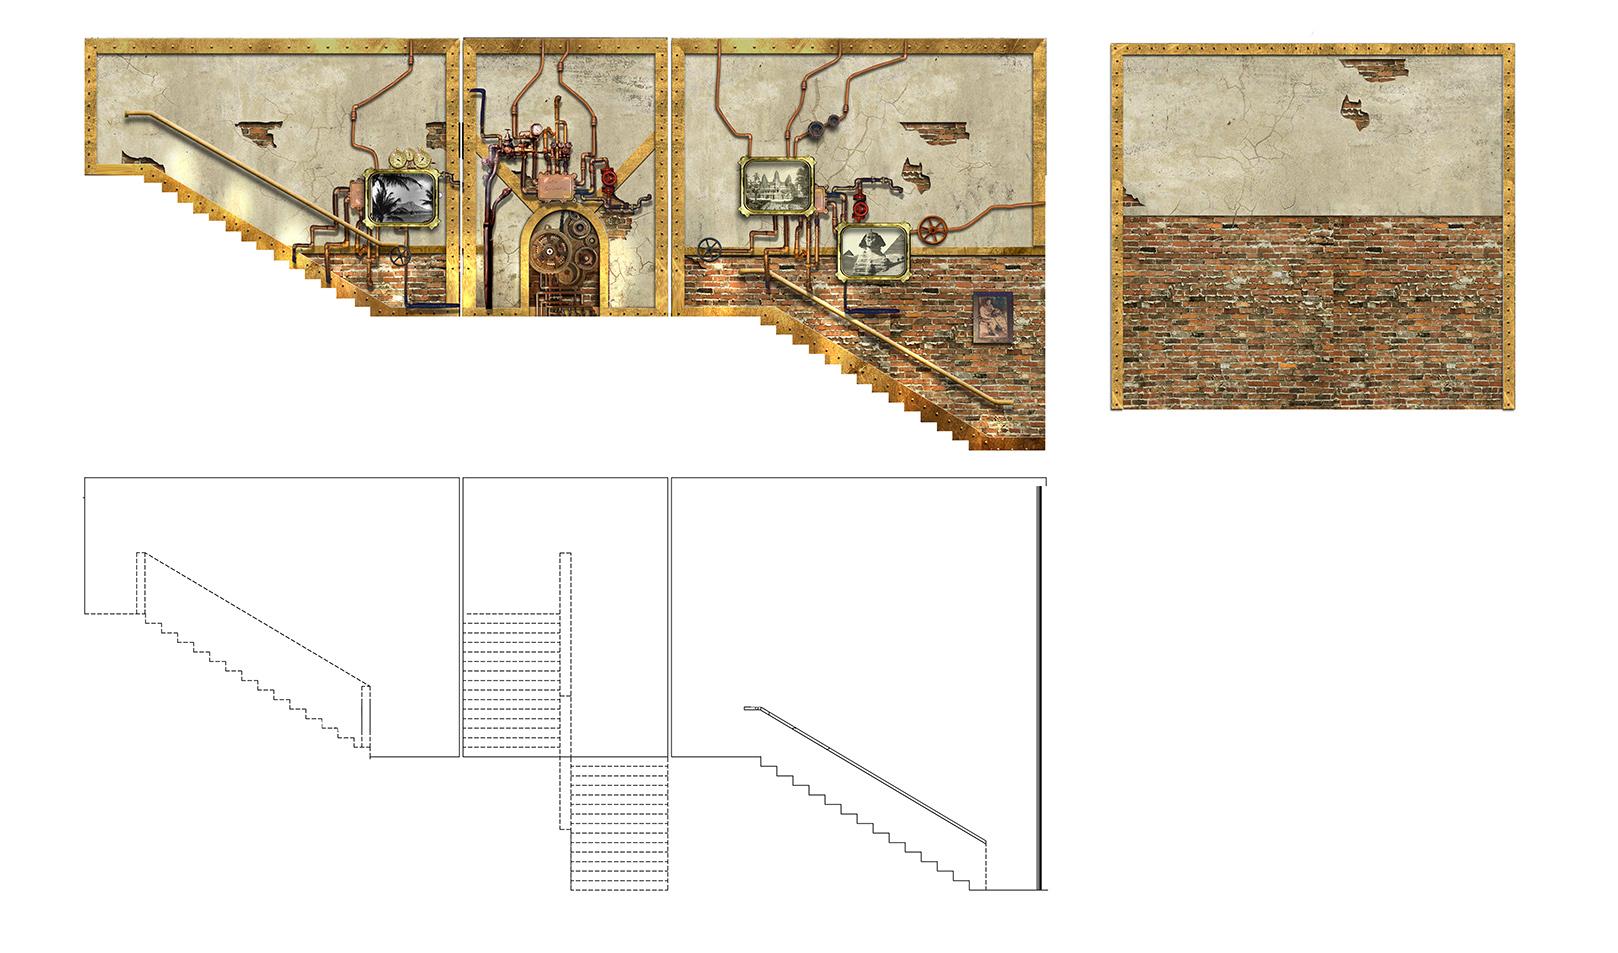 Staircase_wall_V04.JPG